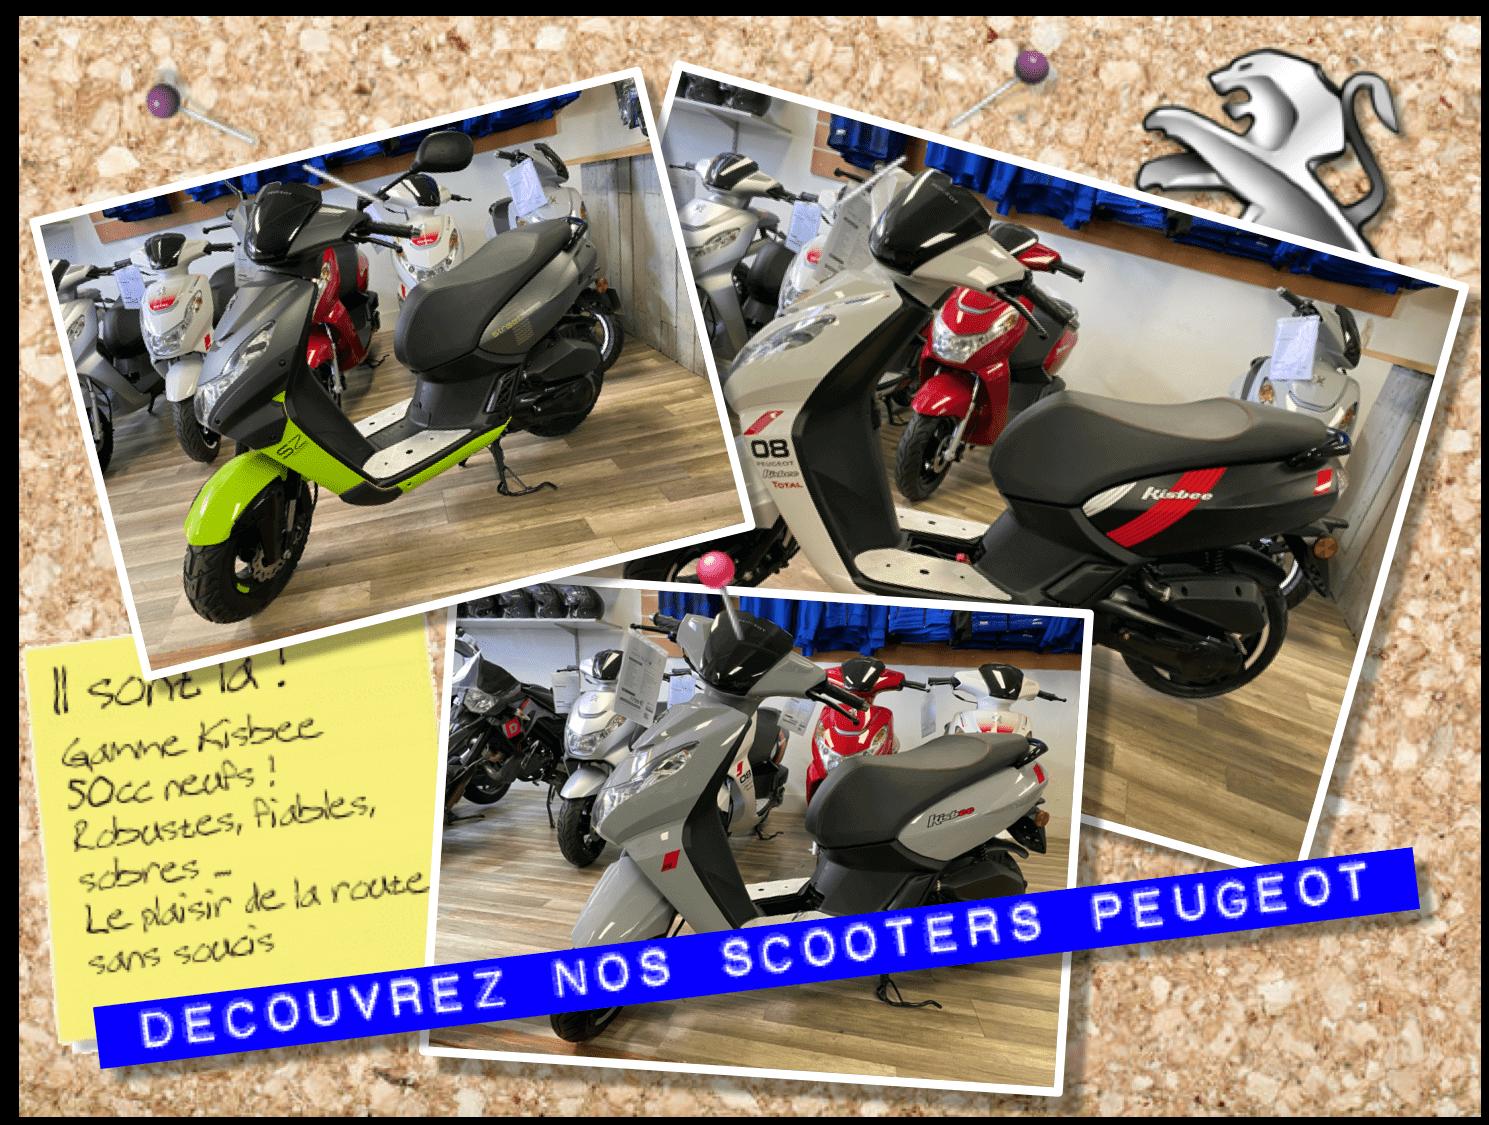 Découvrez nos Scooters Kisbee 50cc